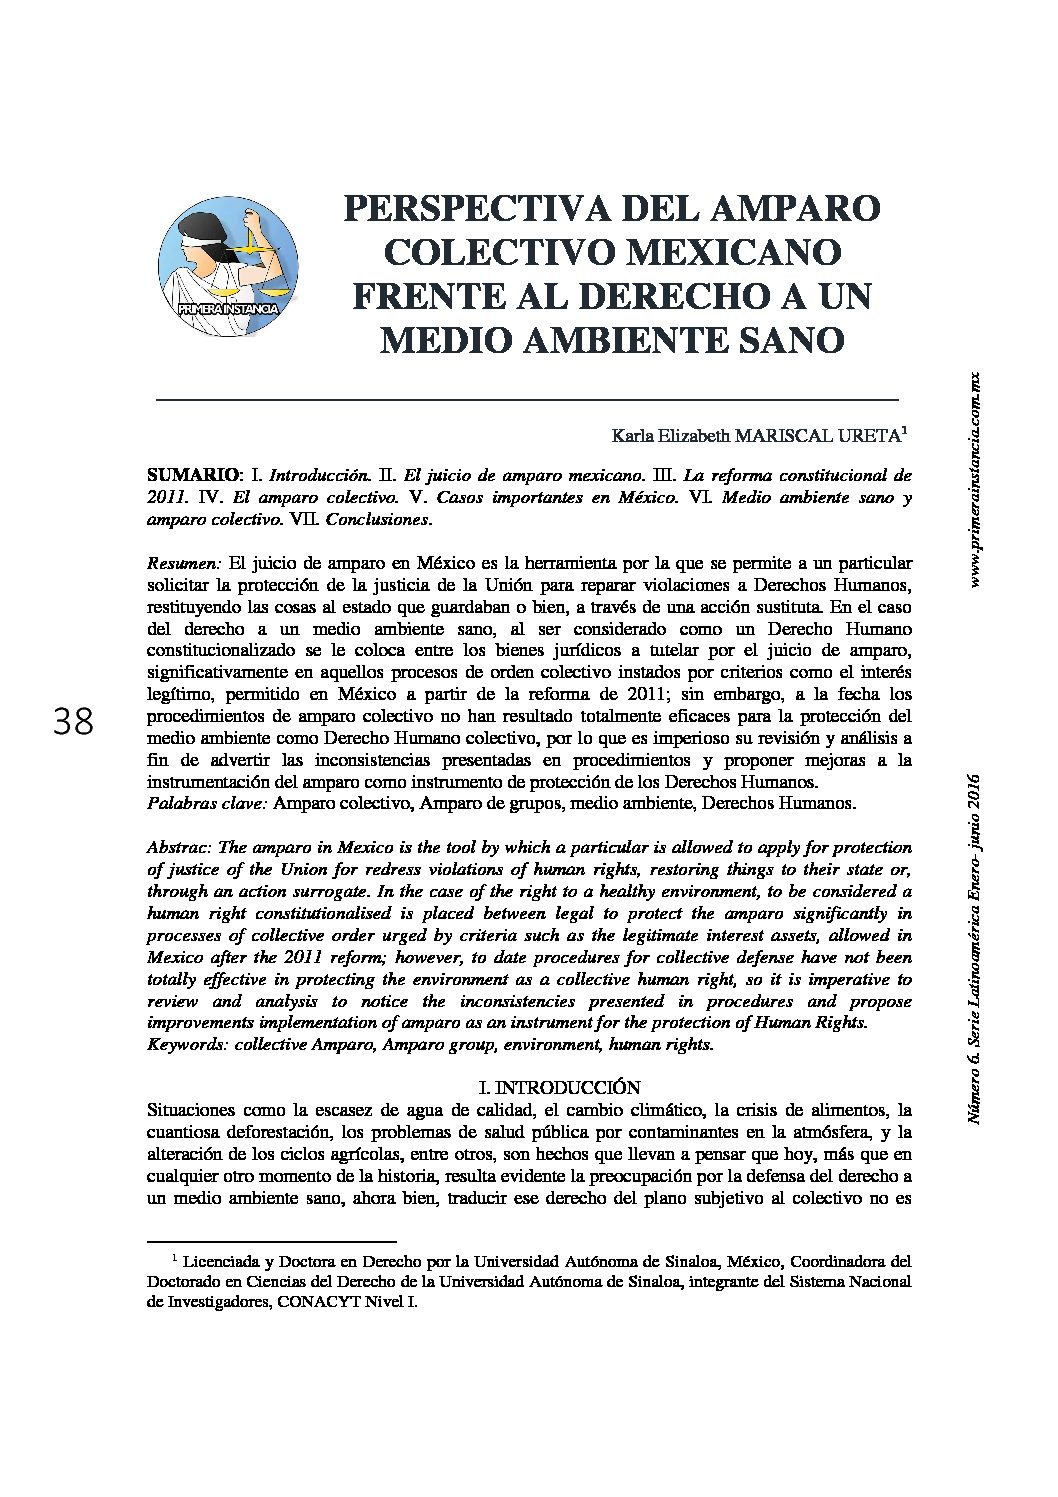 PERSPECTIVA DEL AMPARO COLECTIVO MEXICANO FRENTE AL DERECHO A UN MEDIO AMBIENTE SANO. Karla Elizabeth Mariscal Ureta